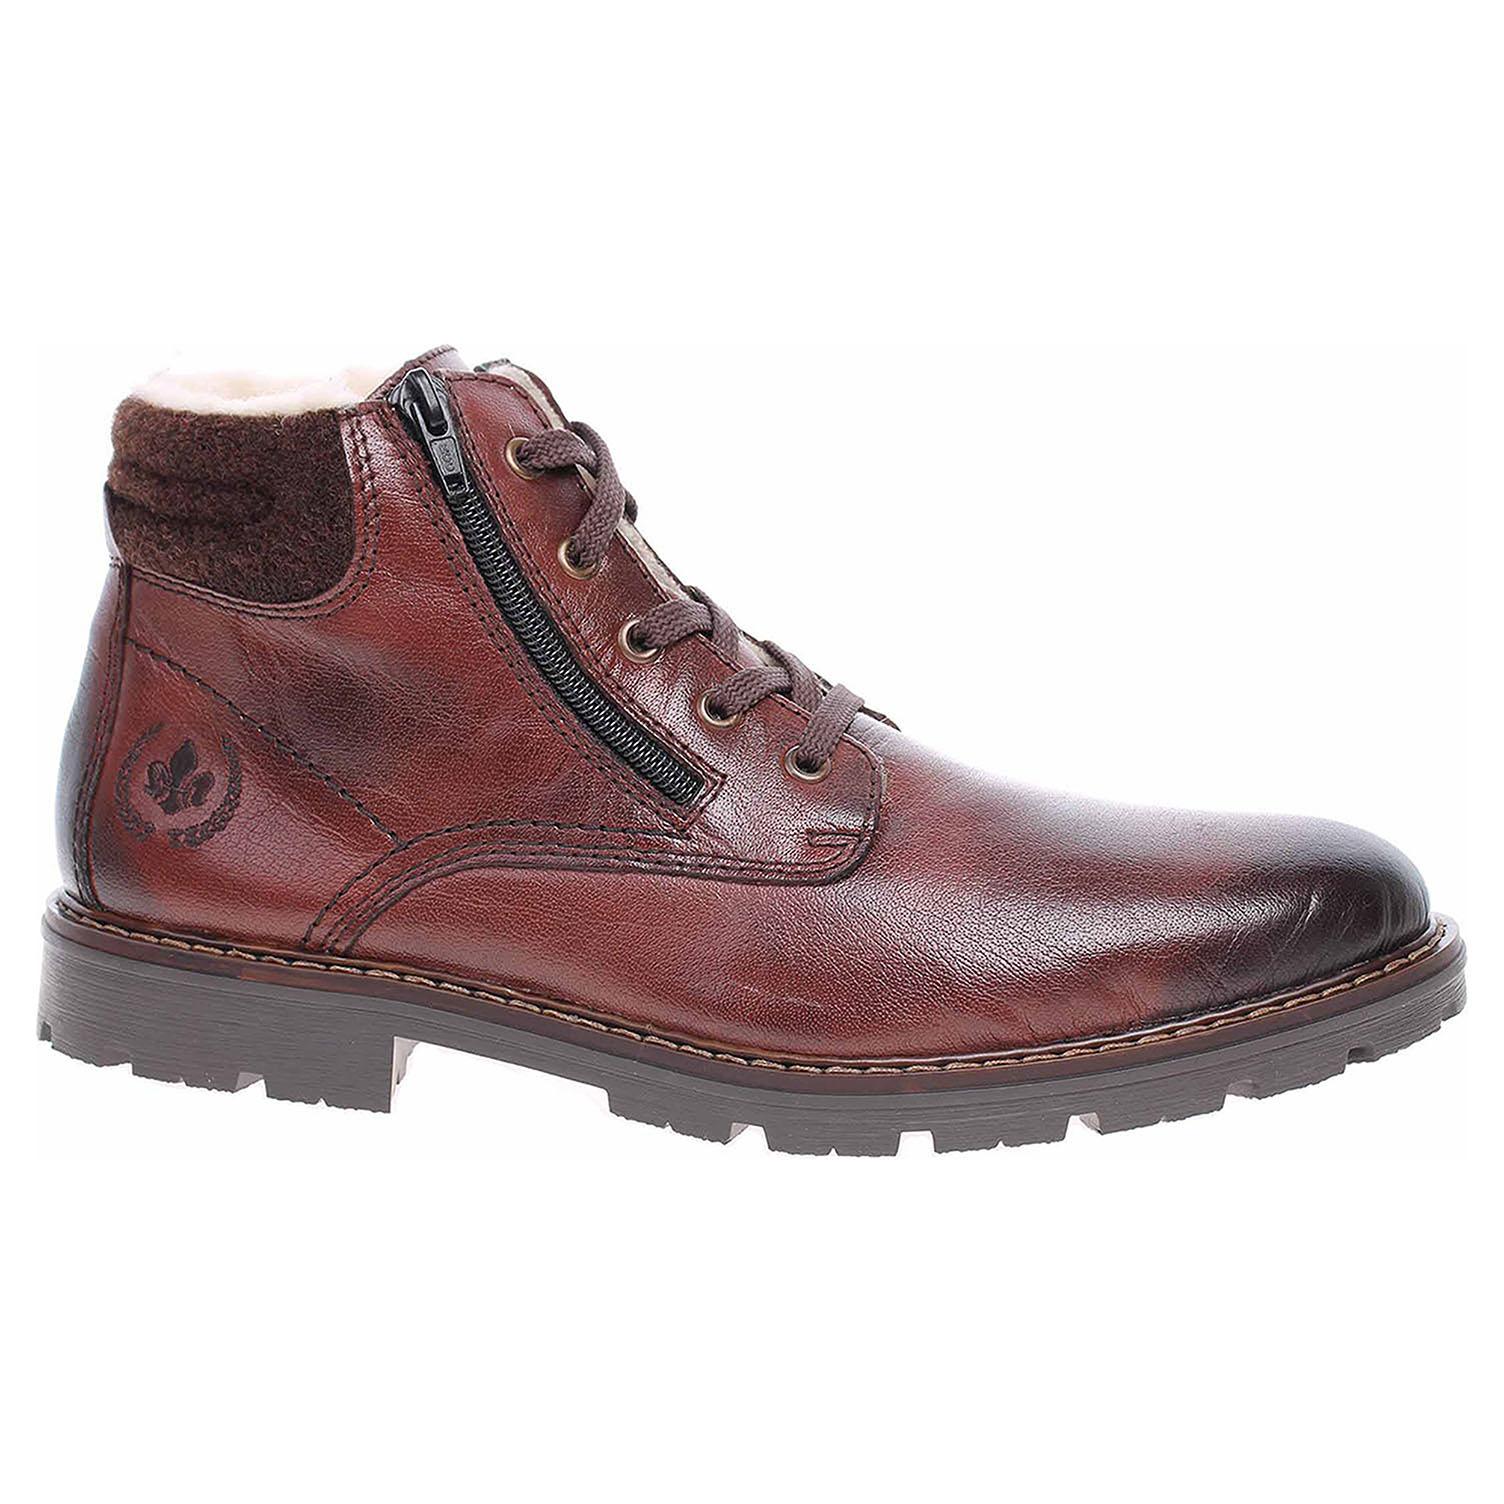 Pánská kotníková obuv Rieker 32121-25 braun 32121-25 42